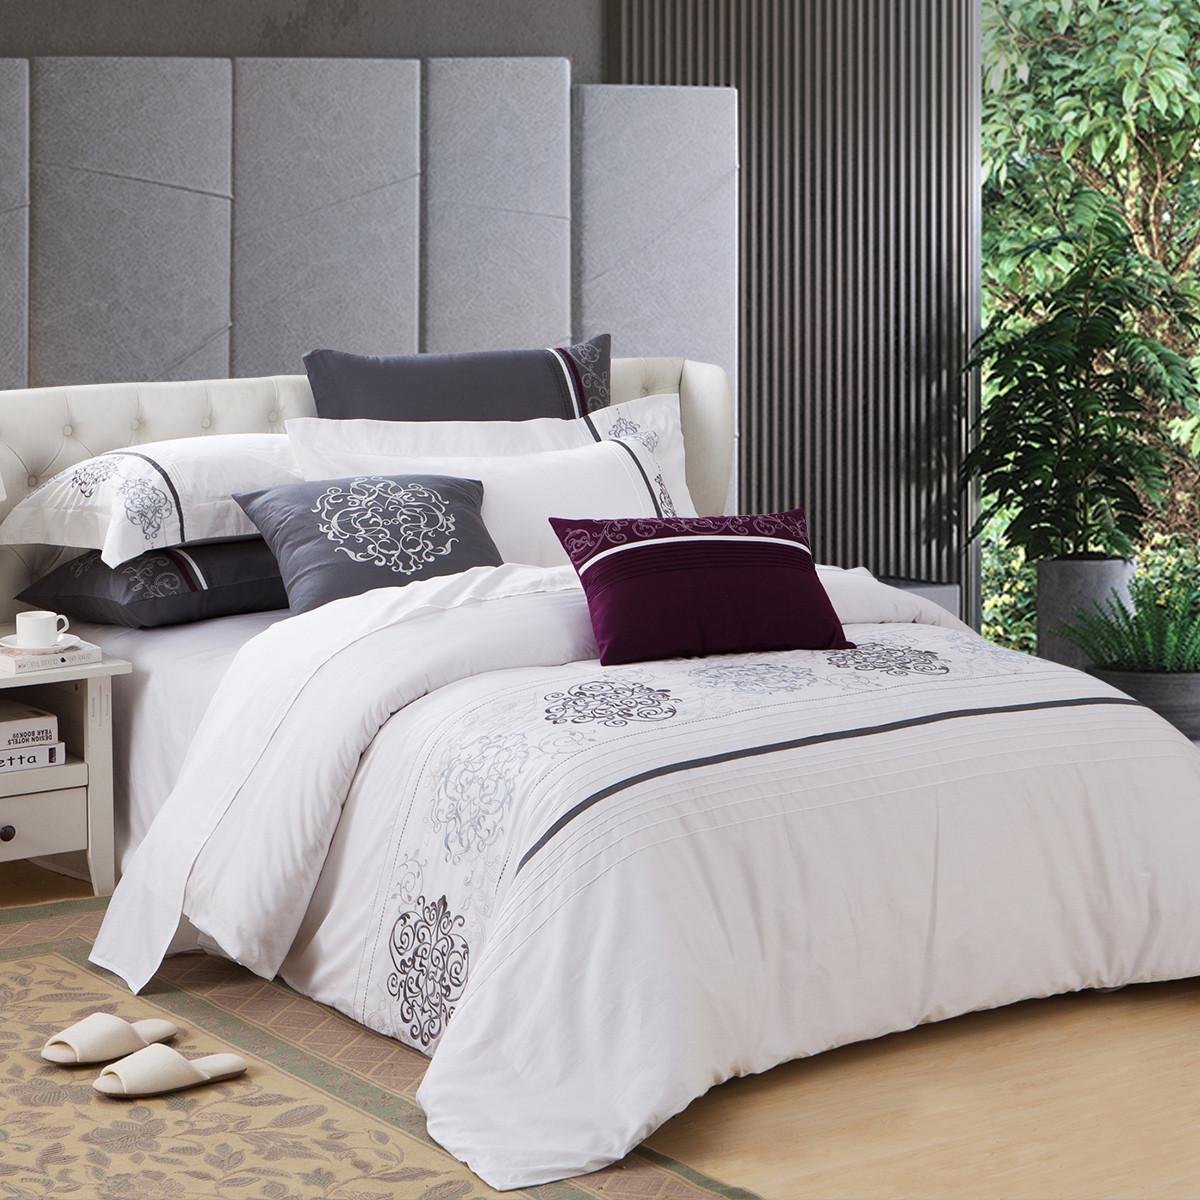 康尔馨五星级酒店全棉贡缎绣花 丝滑透气 床上用品纯棉四件套6925601501739